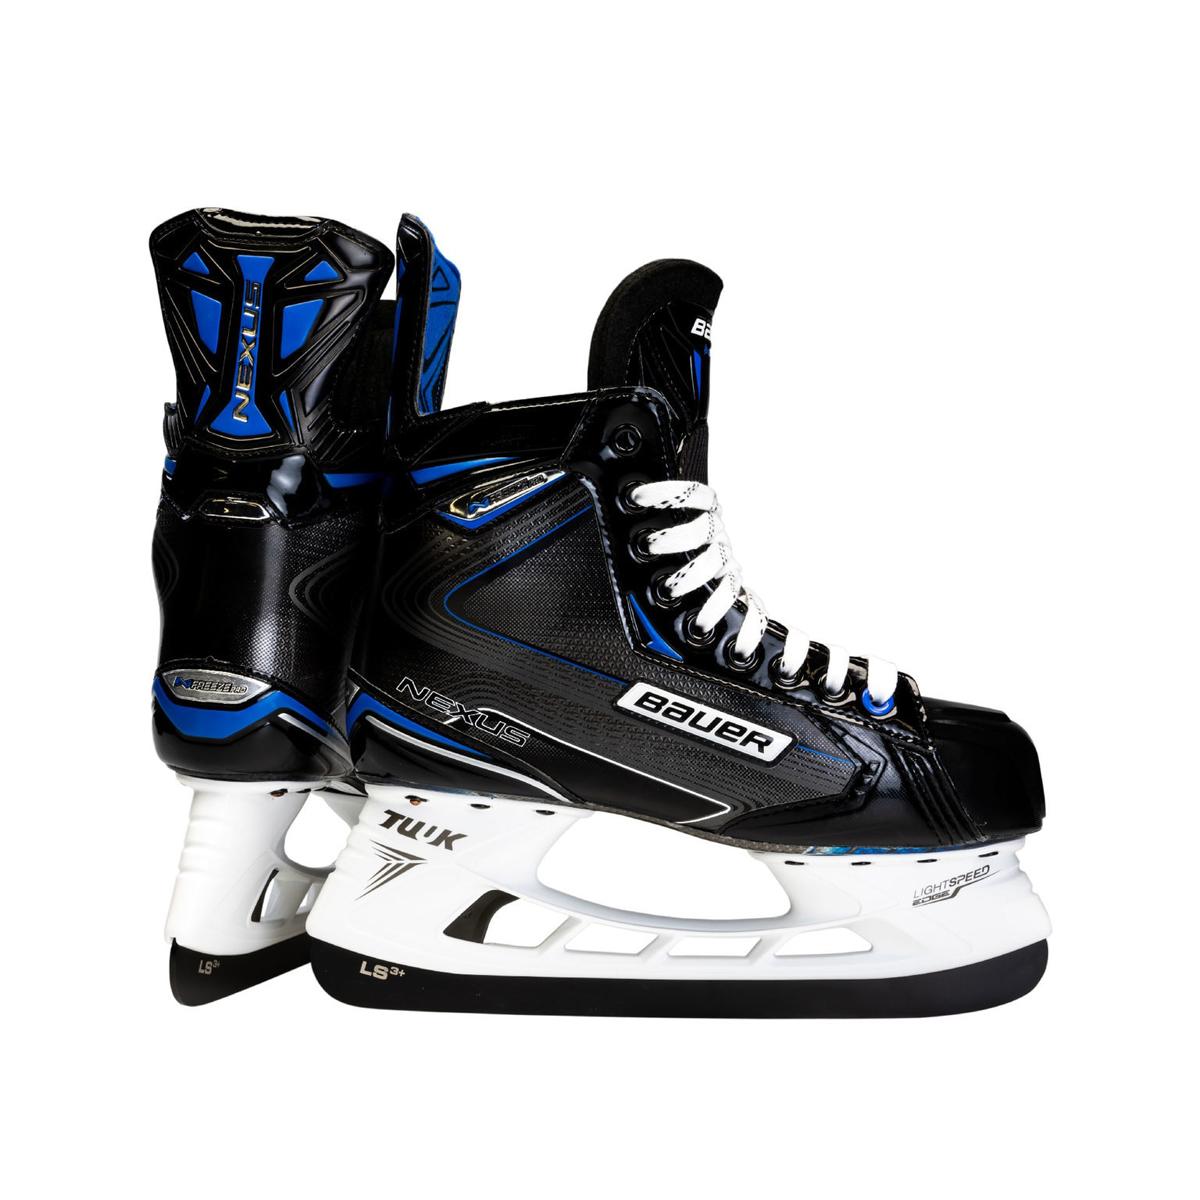 c0fa795b2f3 Bauer Nexus Freeze Pro Senior Ice Hockey Skates